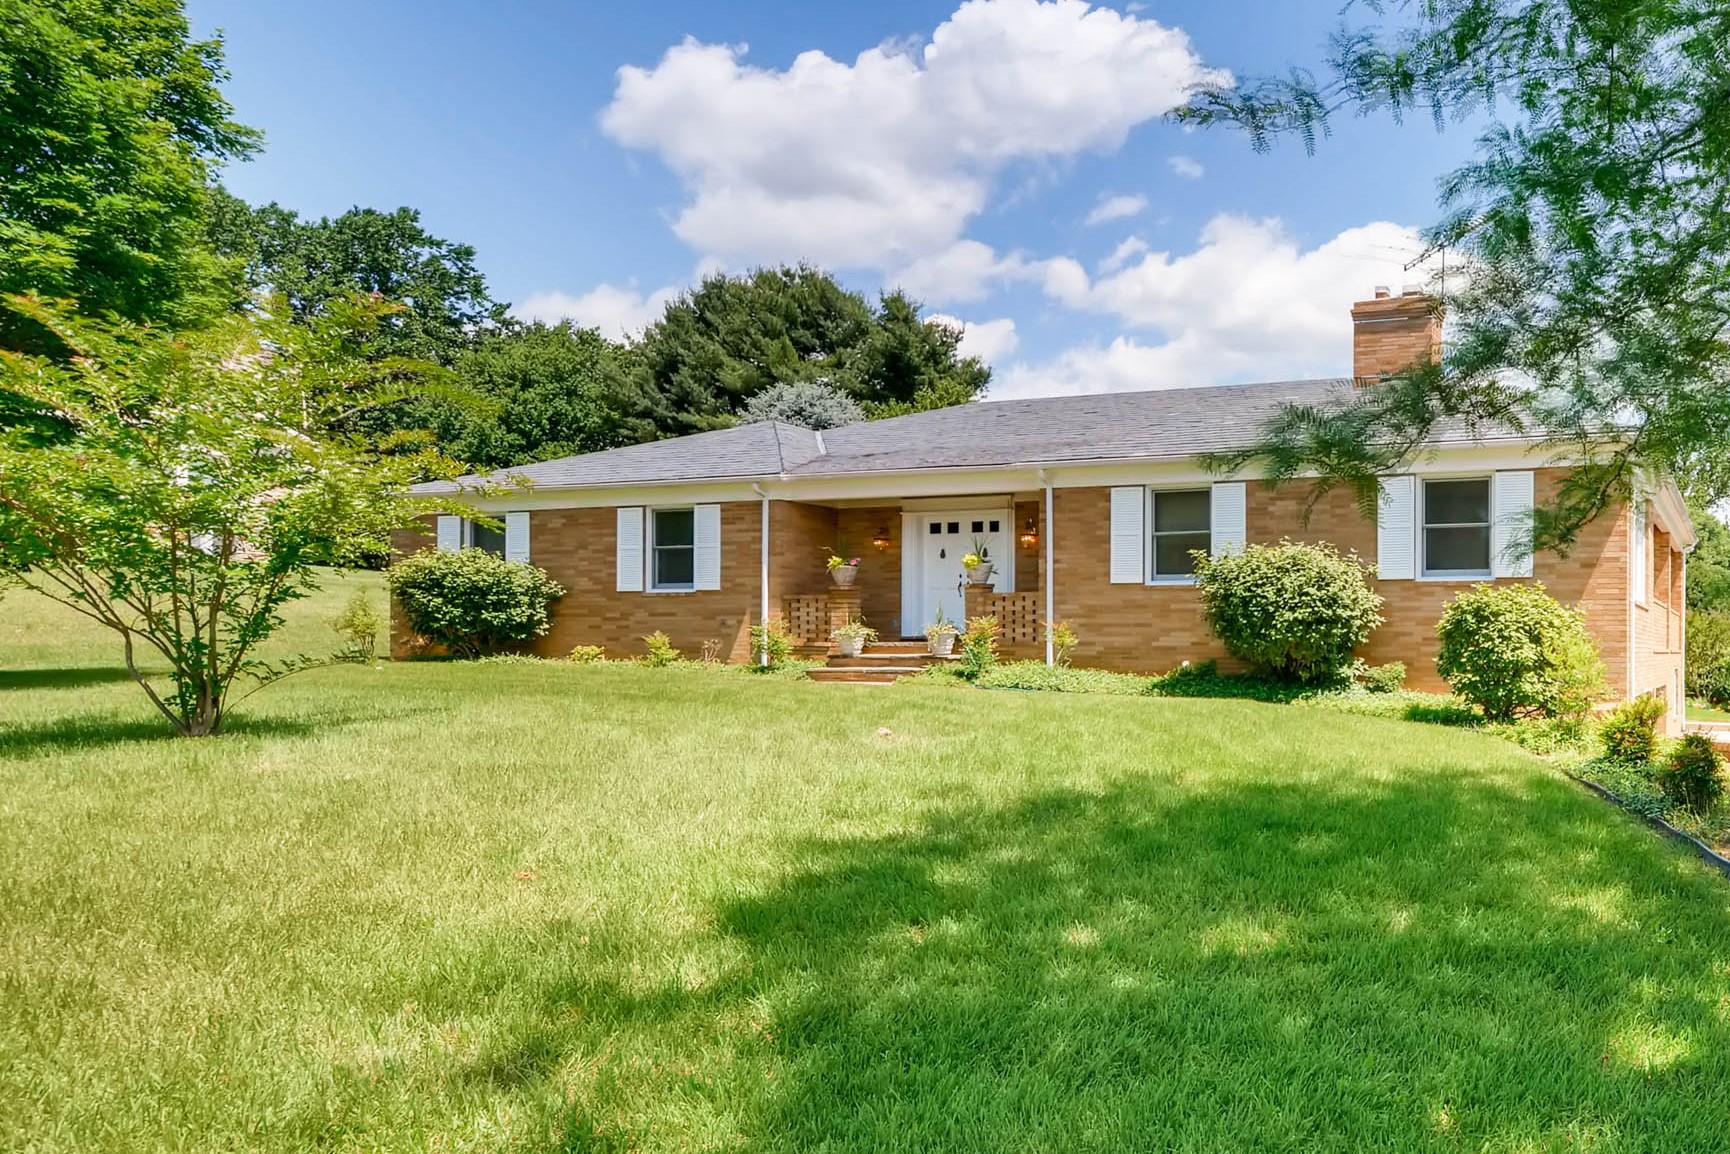 Частный односемейный дом для того Продажа на 306 Lohview Terrace 306 Lochview Terrace Lutherville Timonium, Мэриленд 21093 Соединенные Штаты